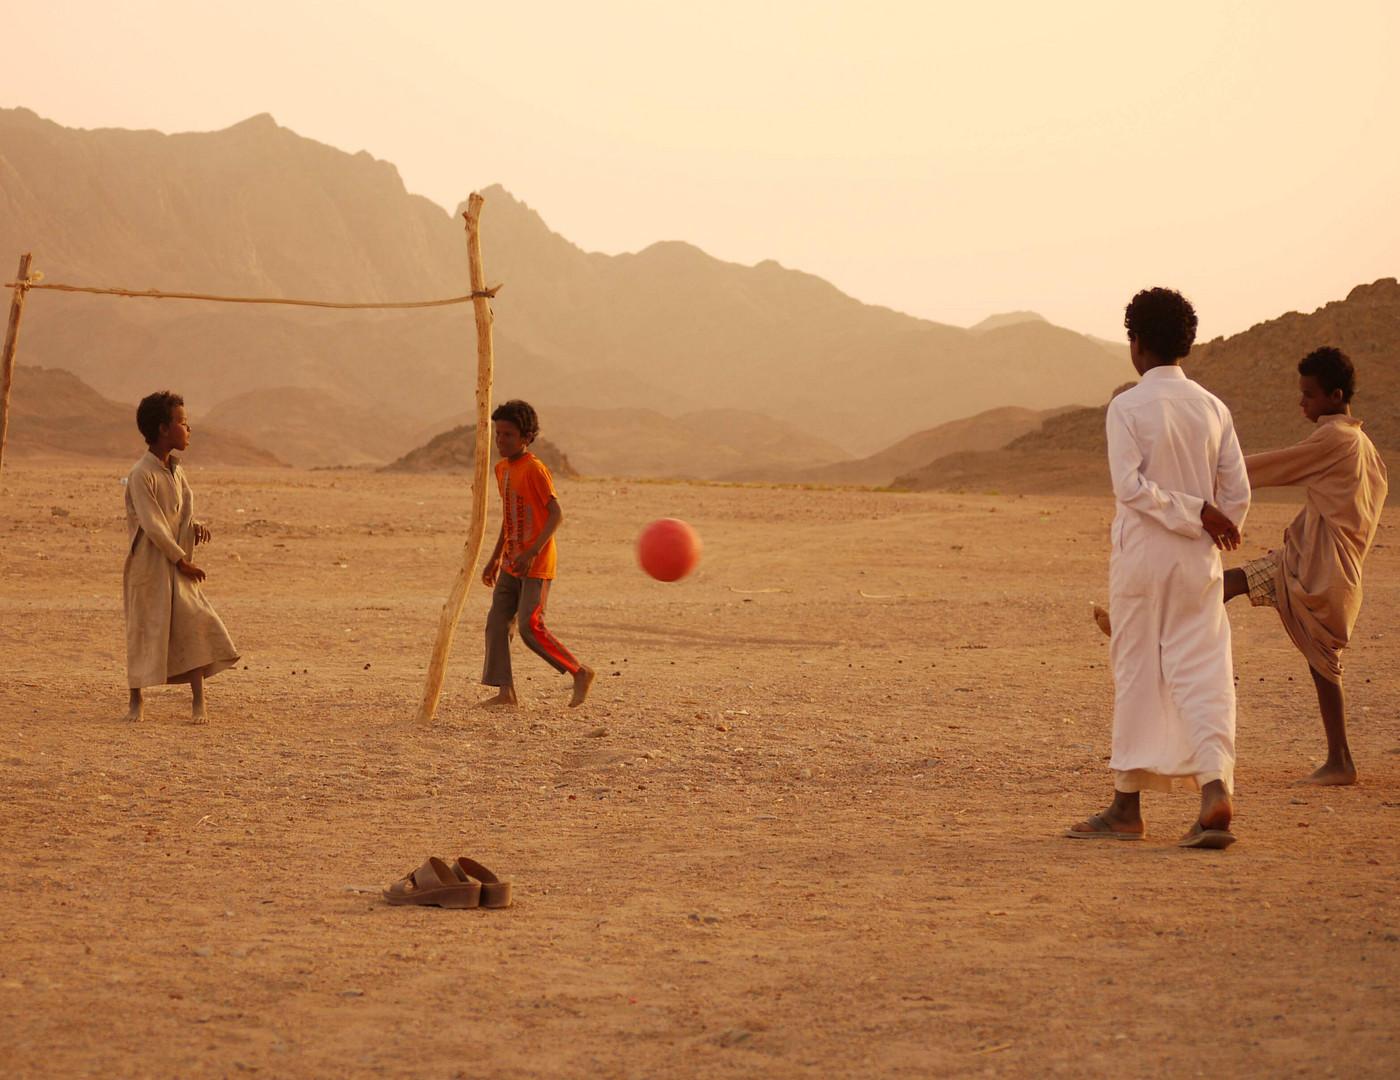 Zum Fußball in der Wüste braucht es nicht viel